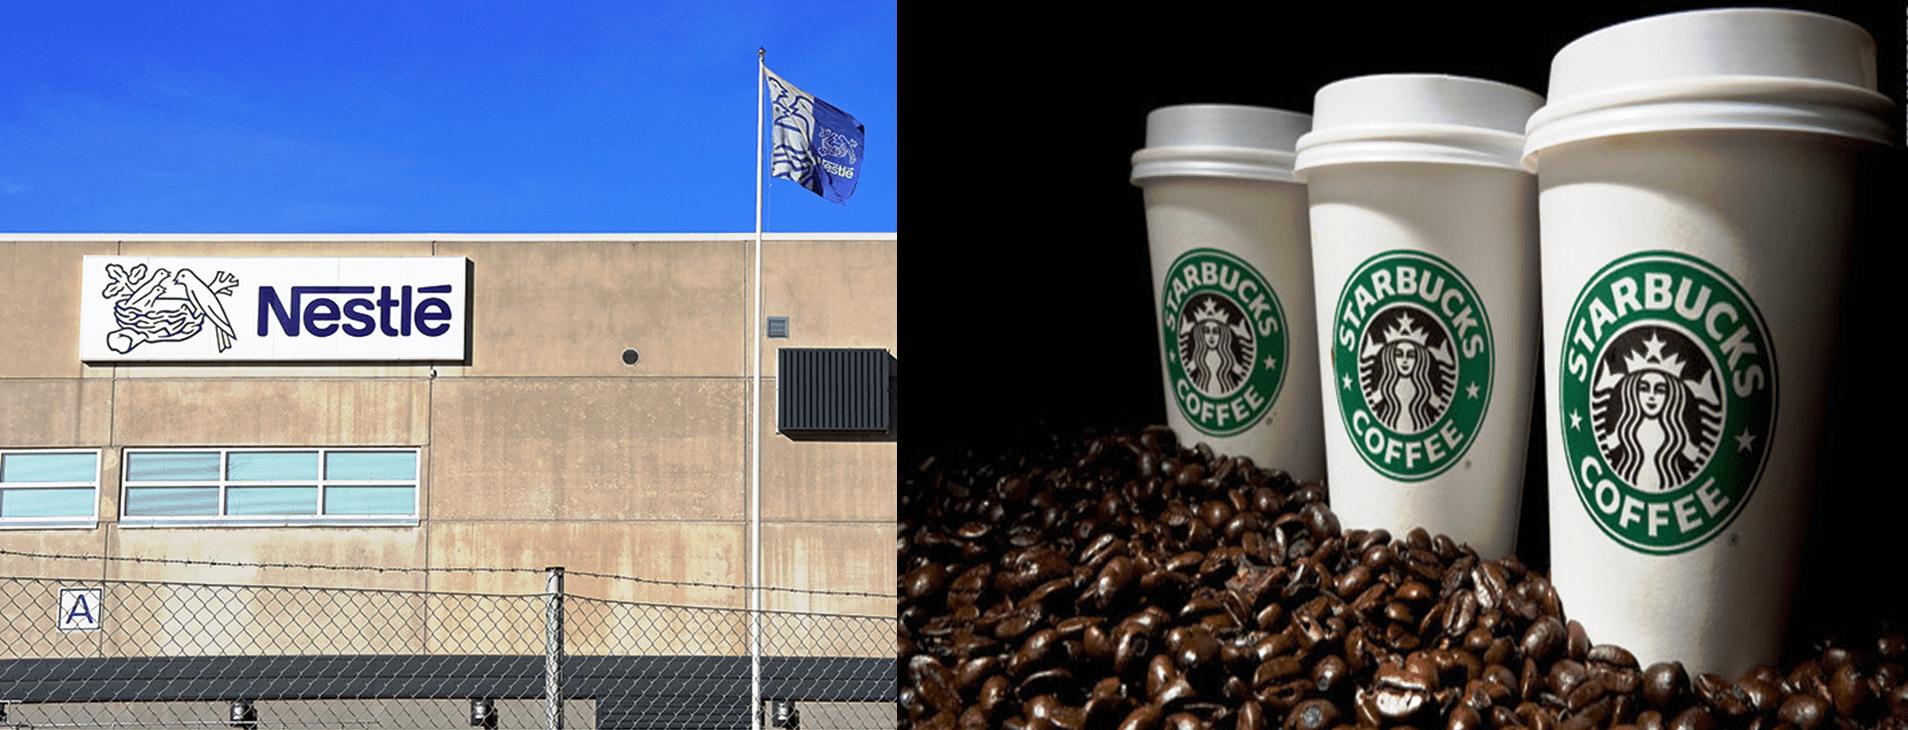 Nestlé y Starbucks - Nestlé pagará US$7.150 millones por derechos para vender productos de Starbucks